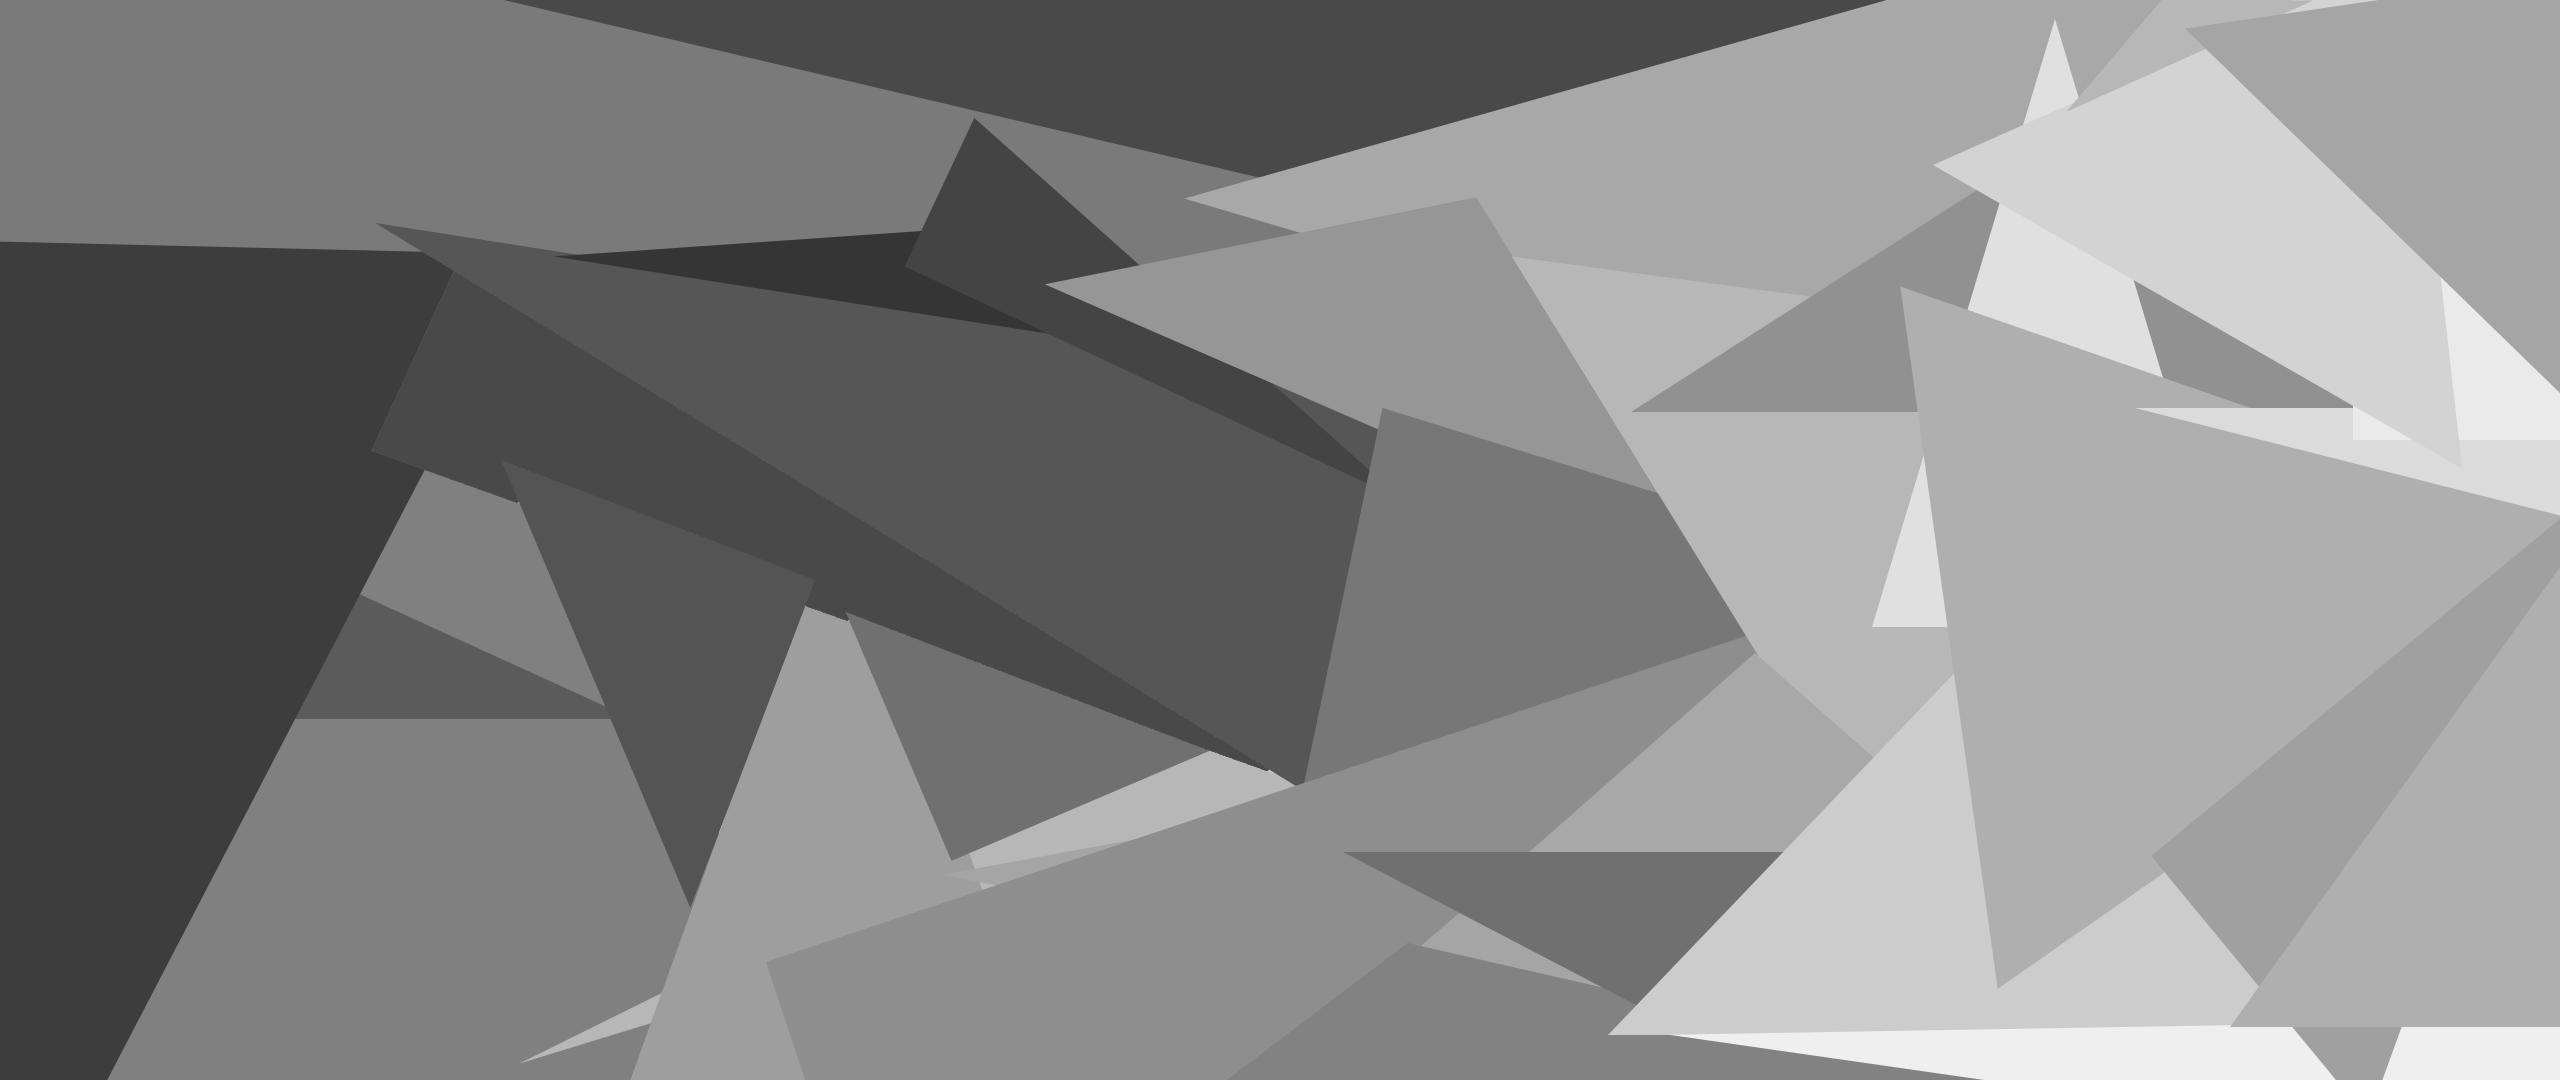 2560x1080 Very simple minimal wallpaper I made. [2560x1080] (mit Bildern)